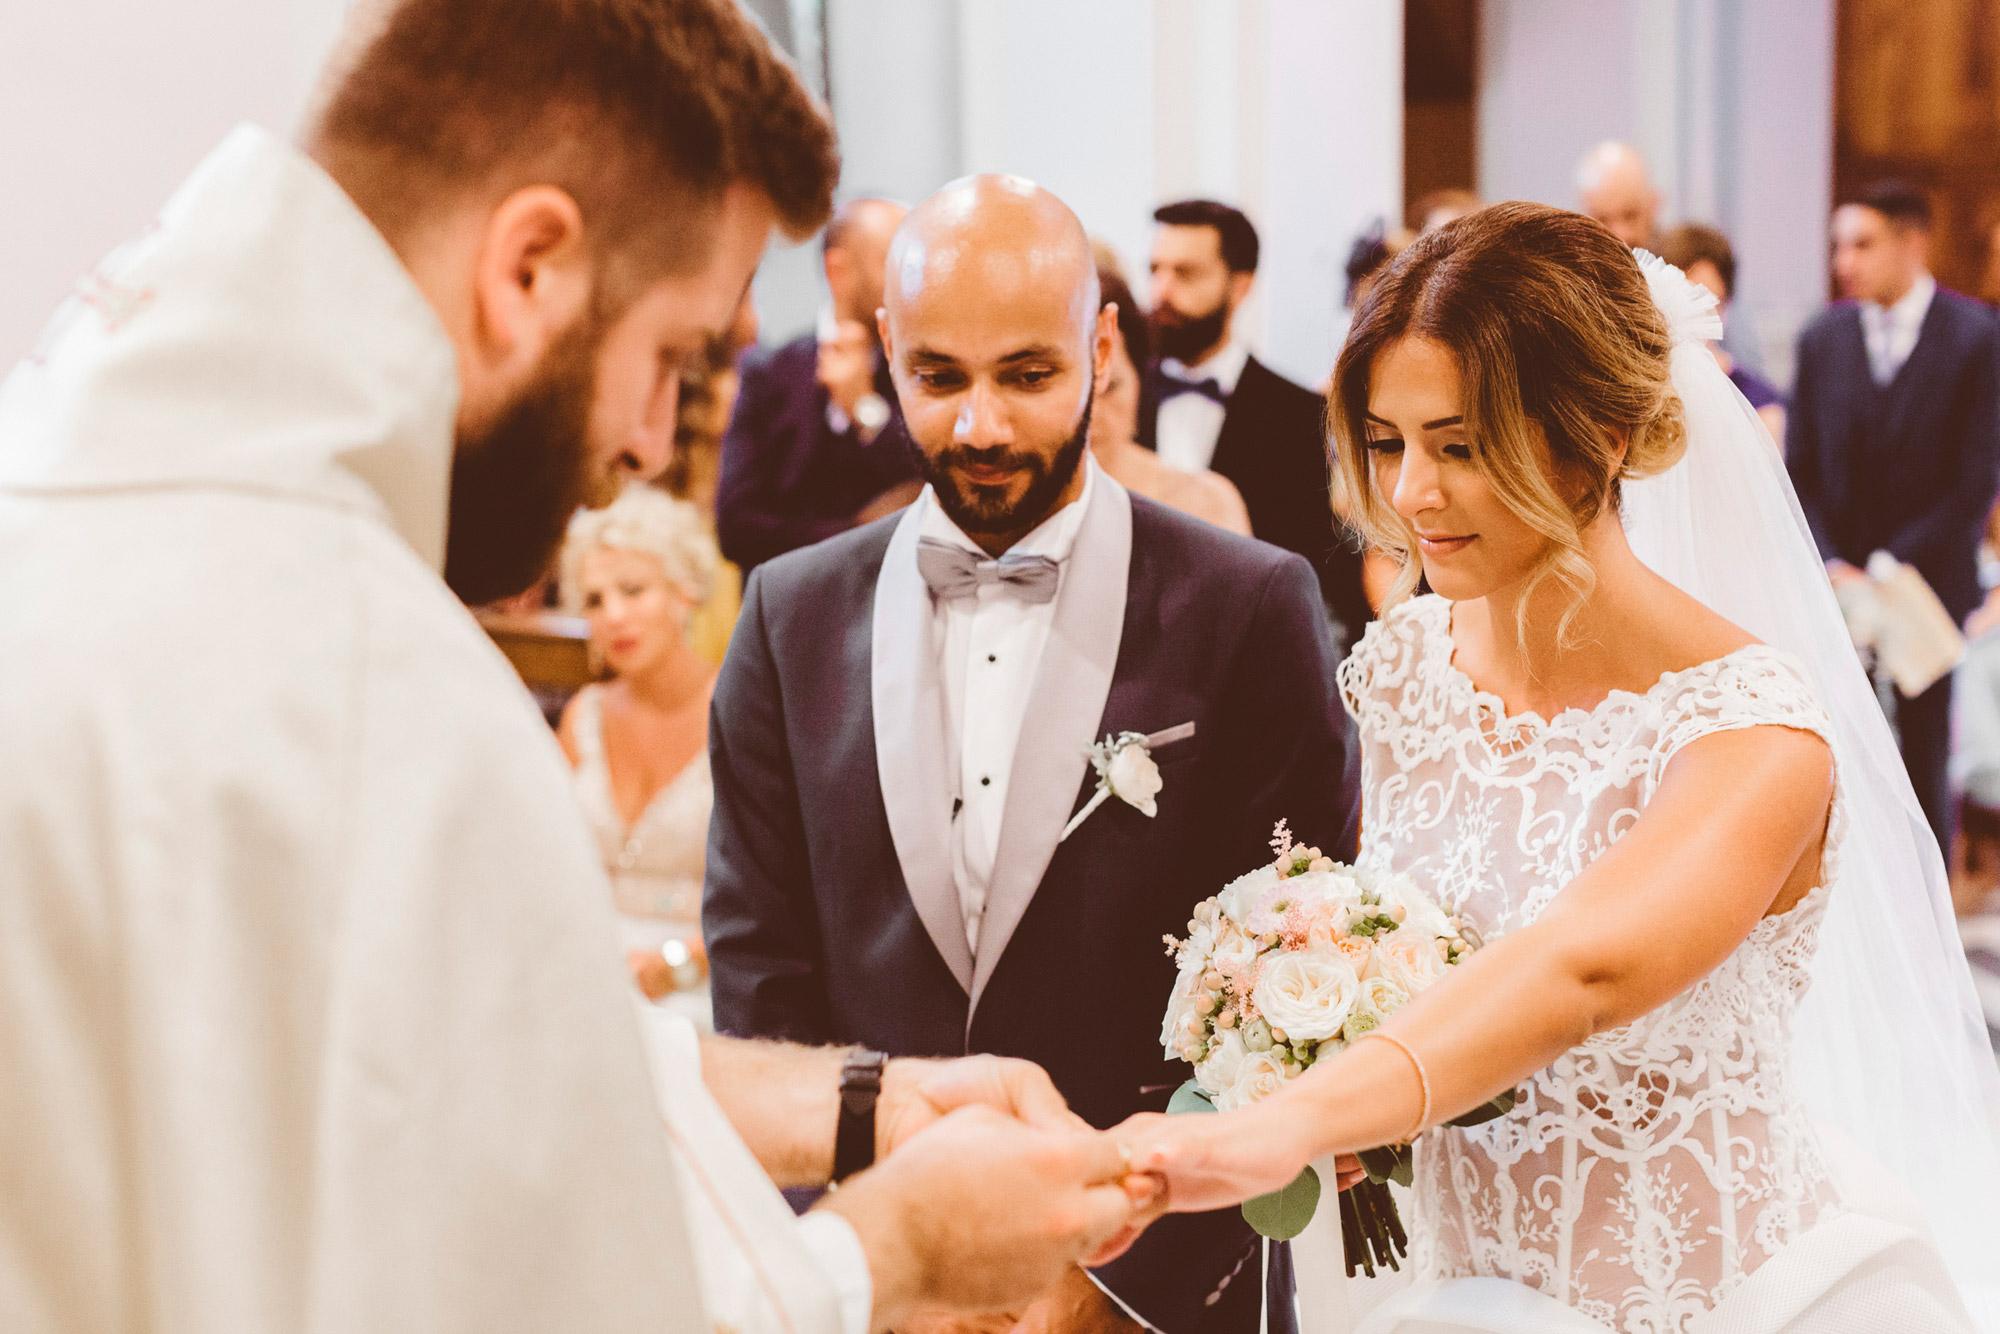 043-santamarinella-wedding-castello-odescalchi.jpg